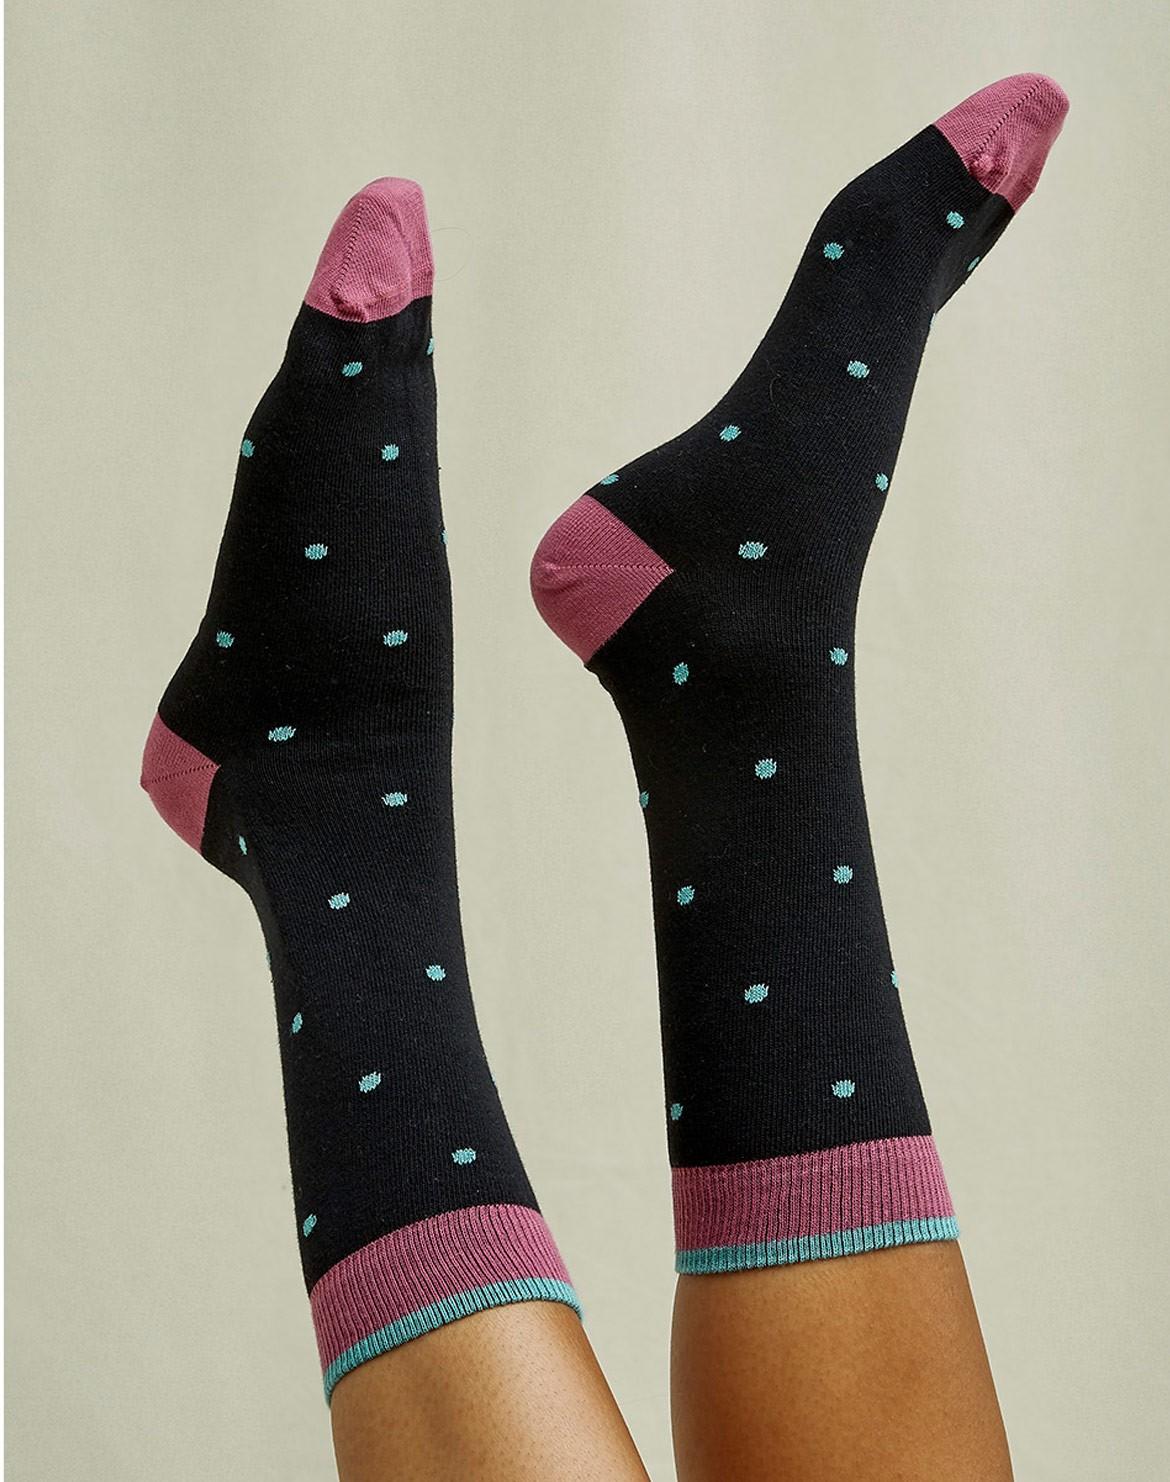 Mini Dot Socken